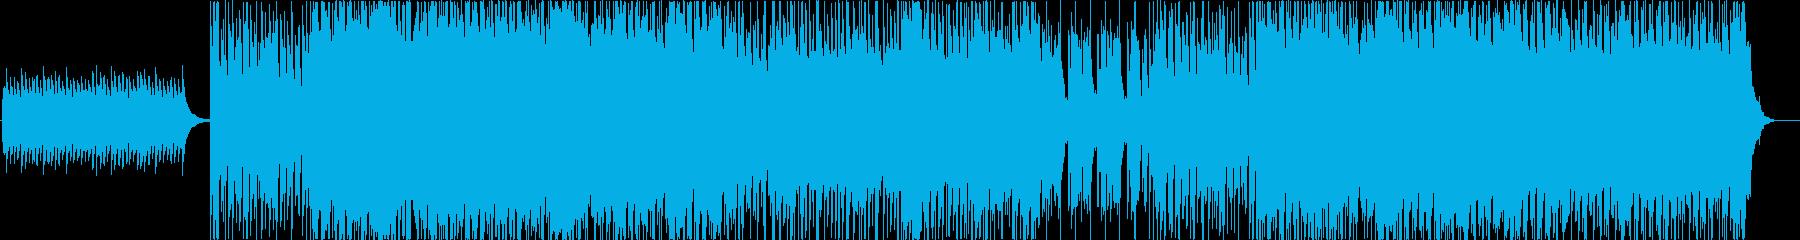 メタル 積極的 焦り 広い 壮大 ...の再生済みの波形